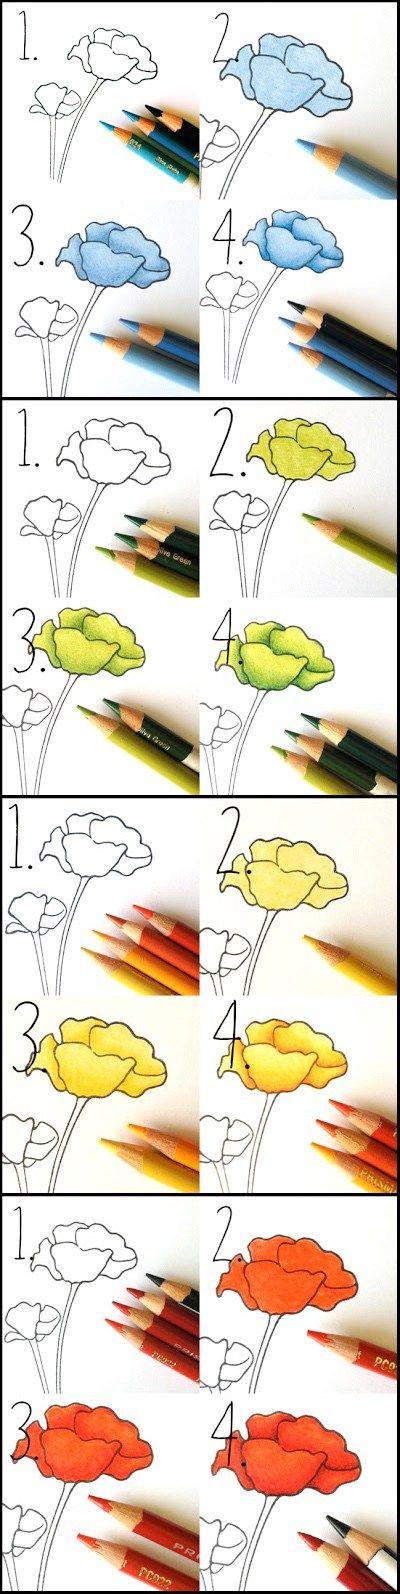 Best 25+ Color pencil techniques ideas on Pinterest | Drawing ...